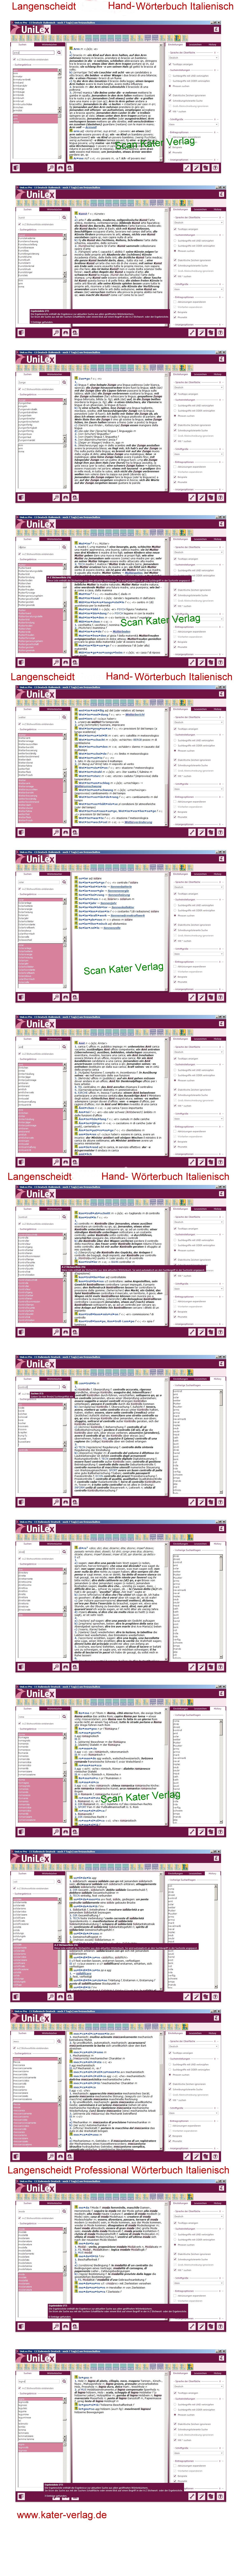 Langenscheidt Italienisch Professional DOWNLOAD DE-IT, IT-DE